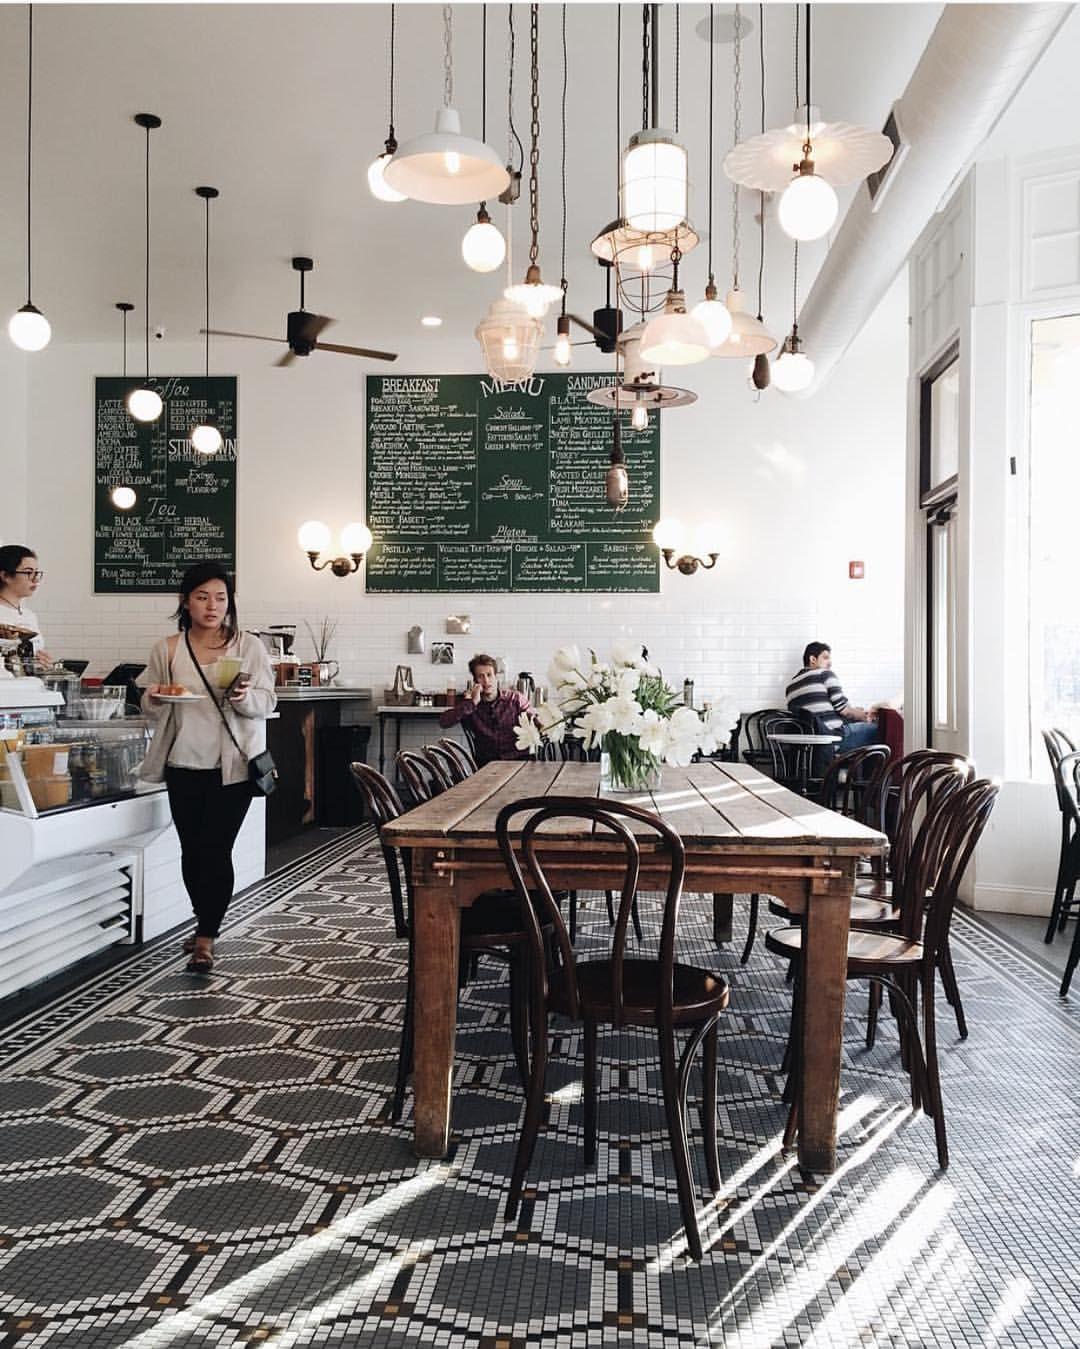 Bathwater Cafe Interior Cafe Interior Design Cafe Decor